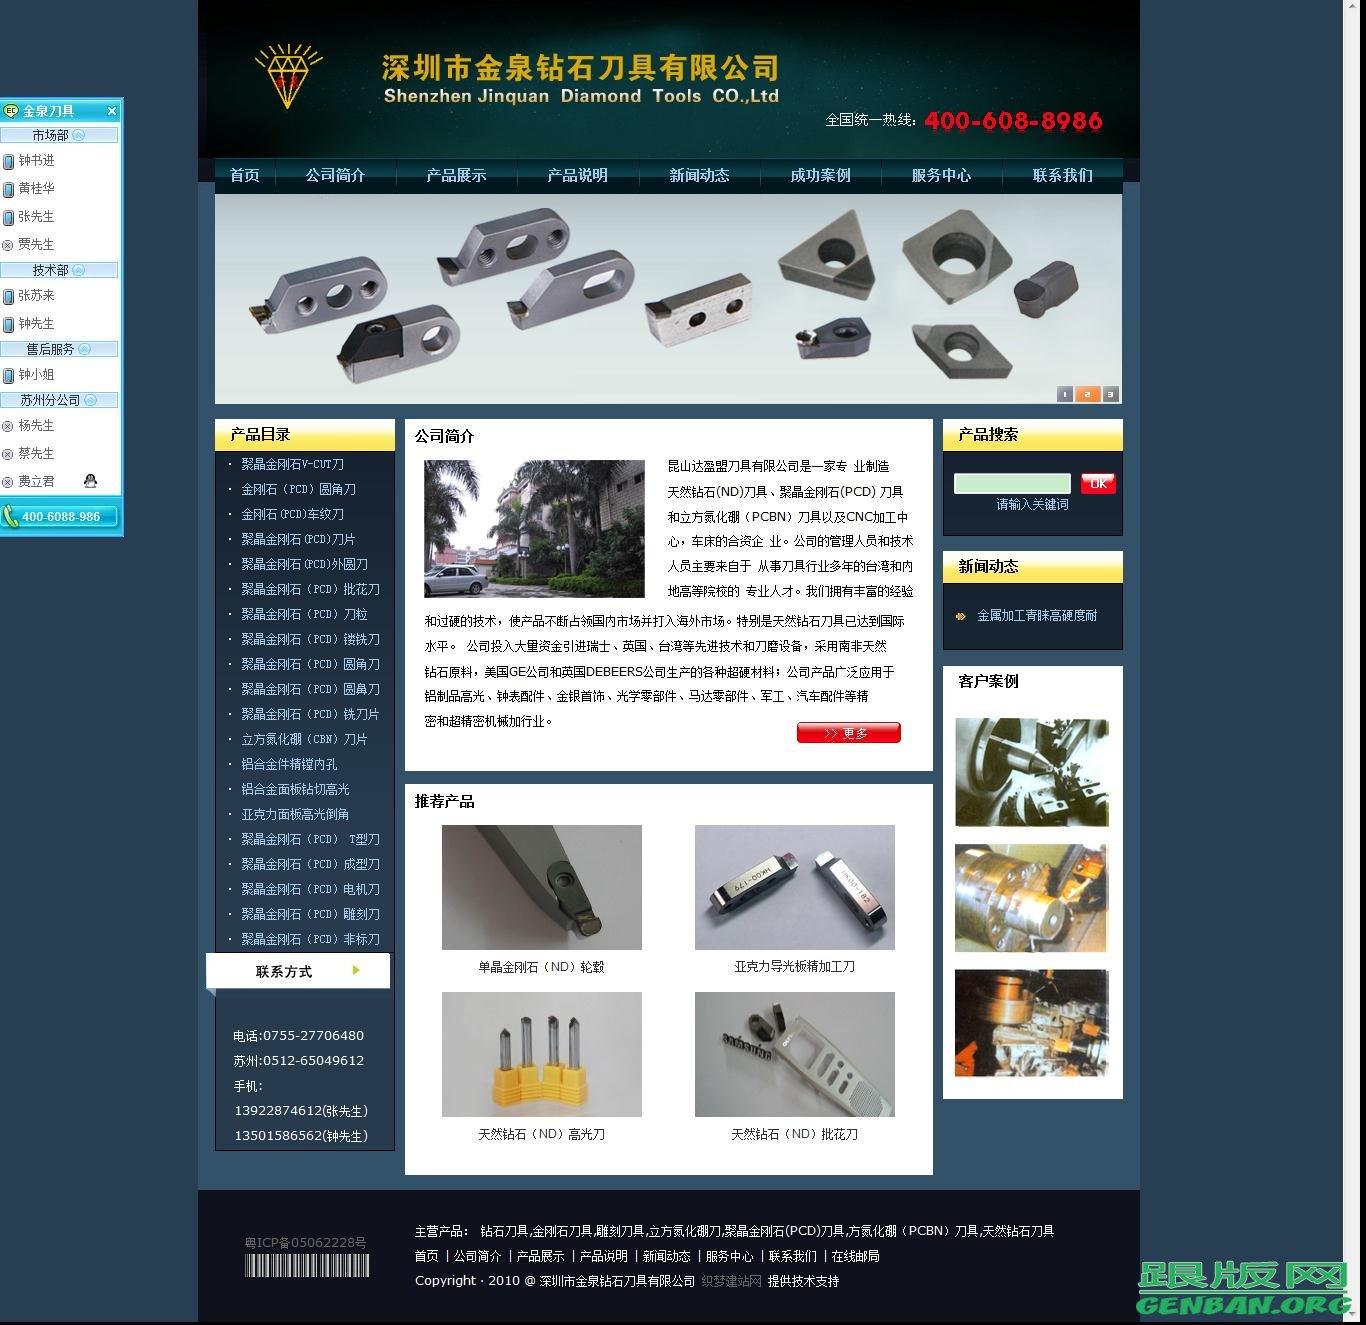 织梦钻石刀具网站源码_刀具企业网站源码下载